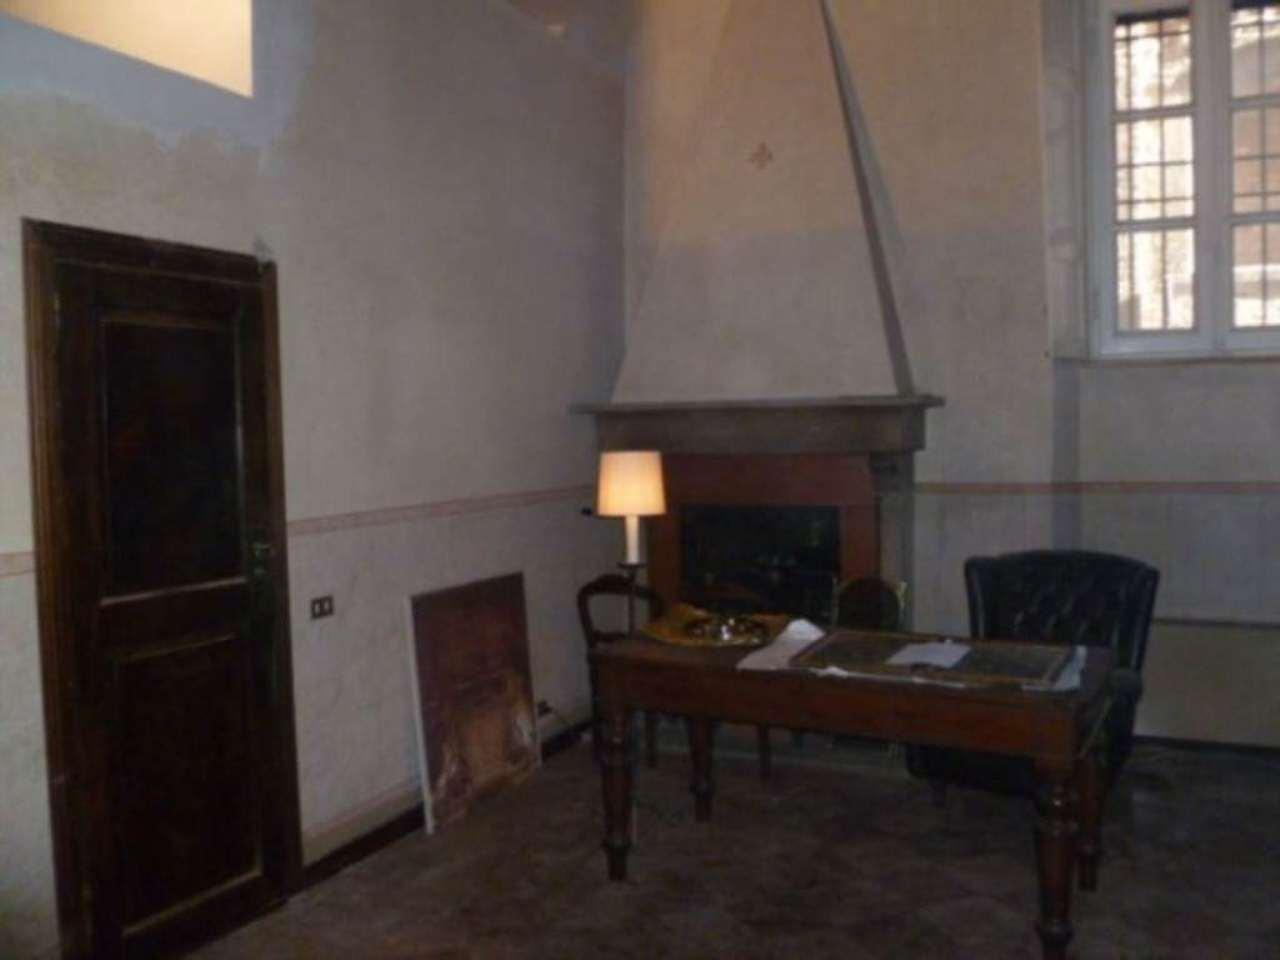 Appartamento in vendita a Pavia, 2 locali, prezzo € 180.000 | CambioCasa.it